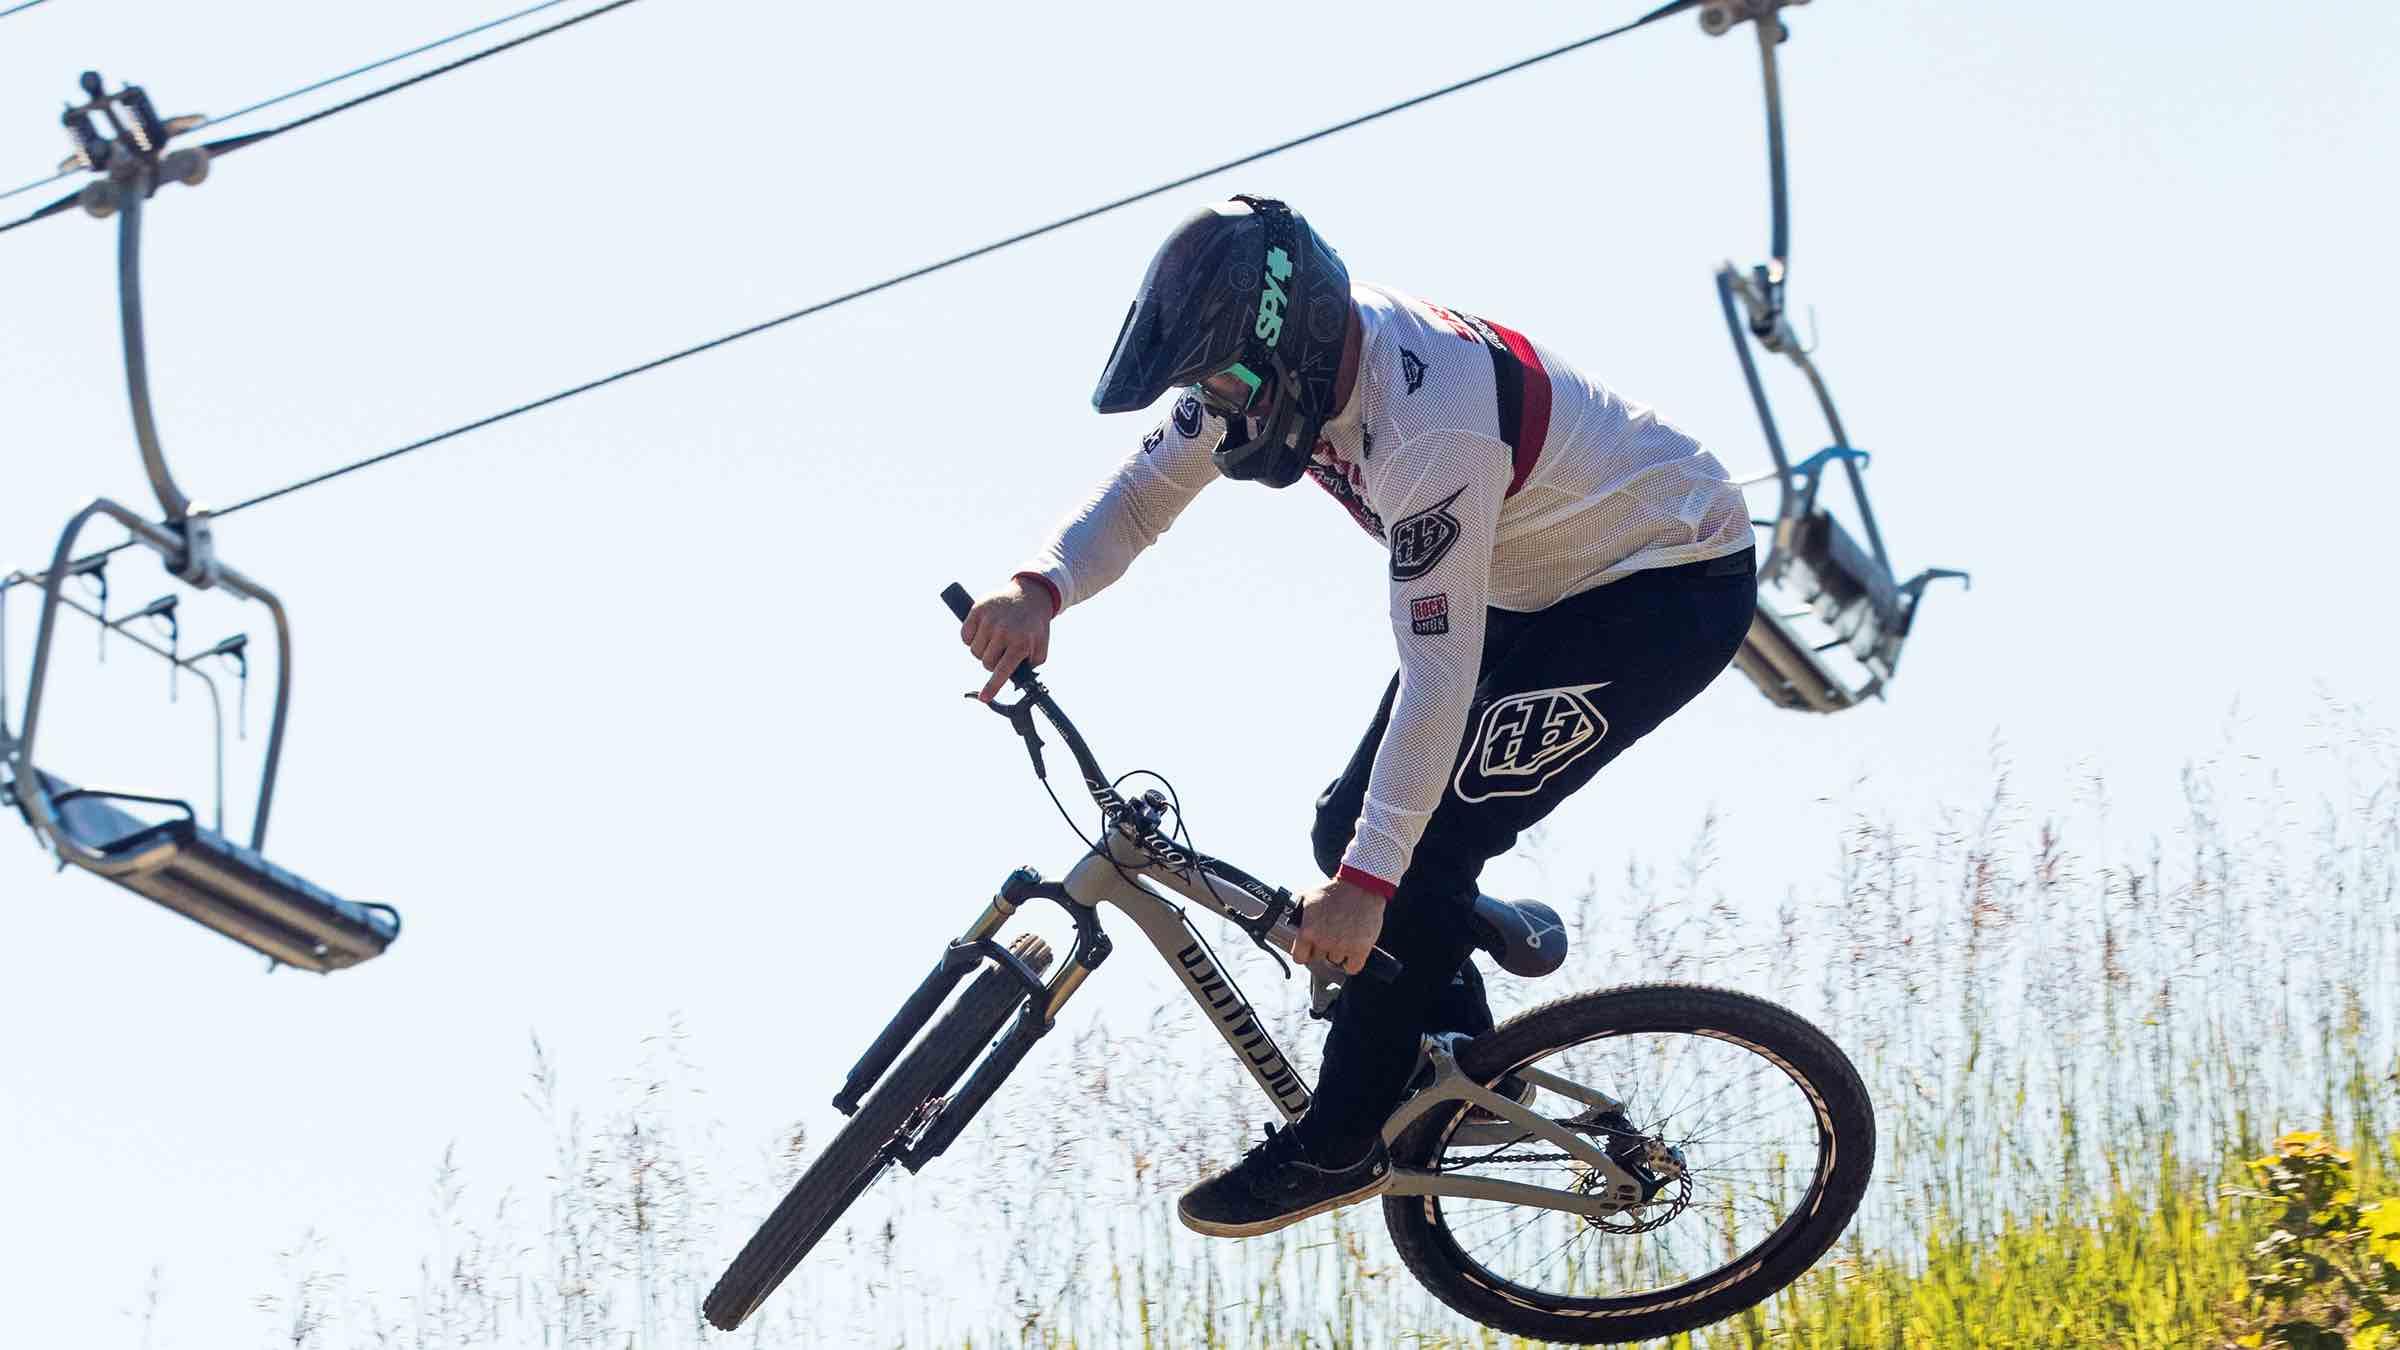 Horseshoe Resort biking rider doing tricks